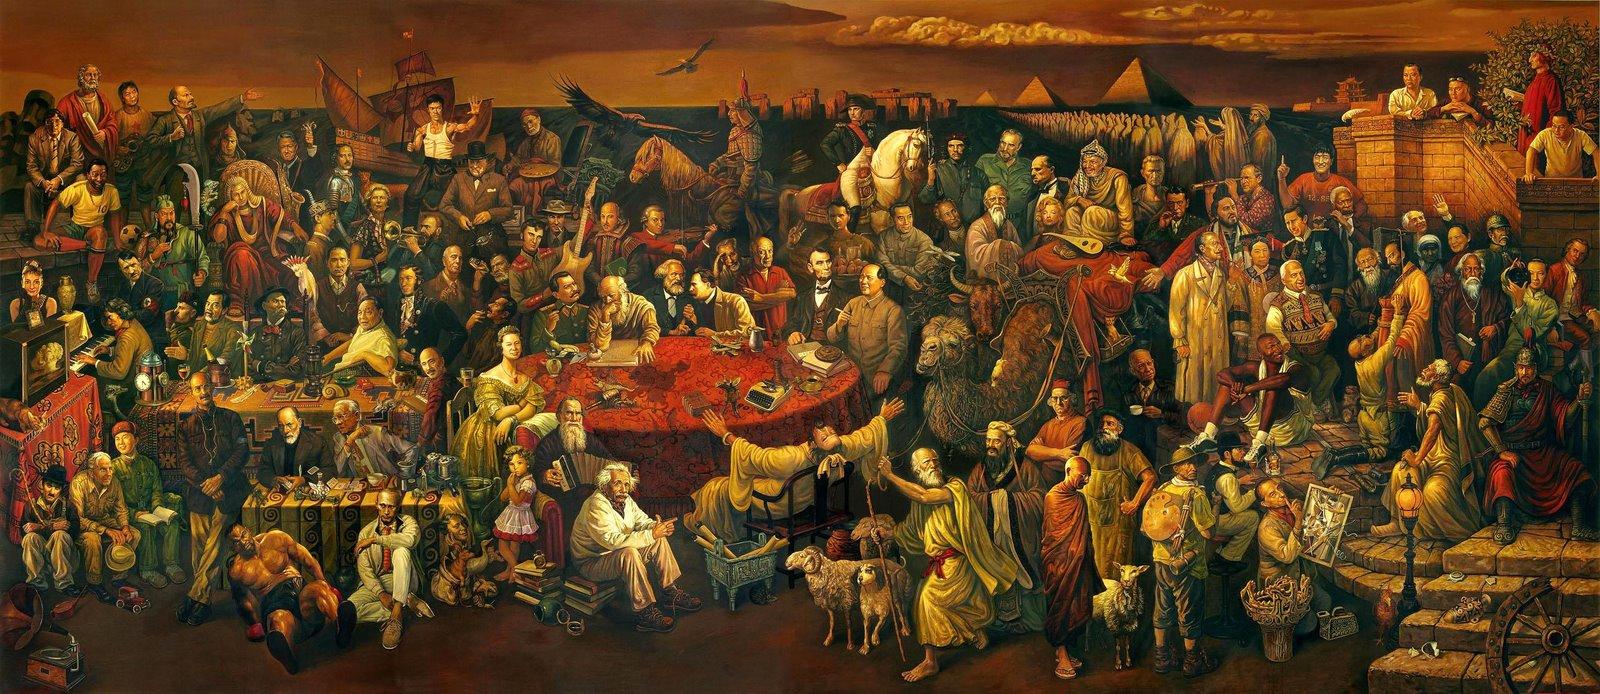 Los Personajes mas Importantes de la Historia